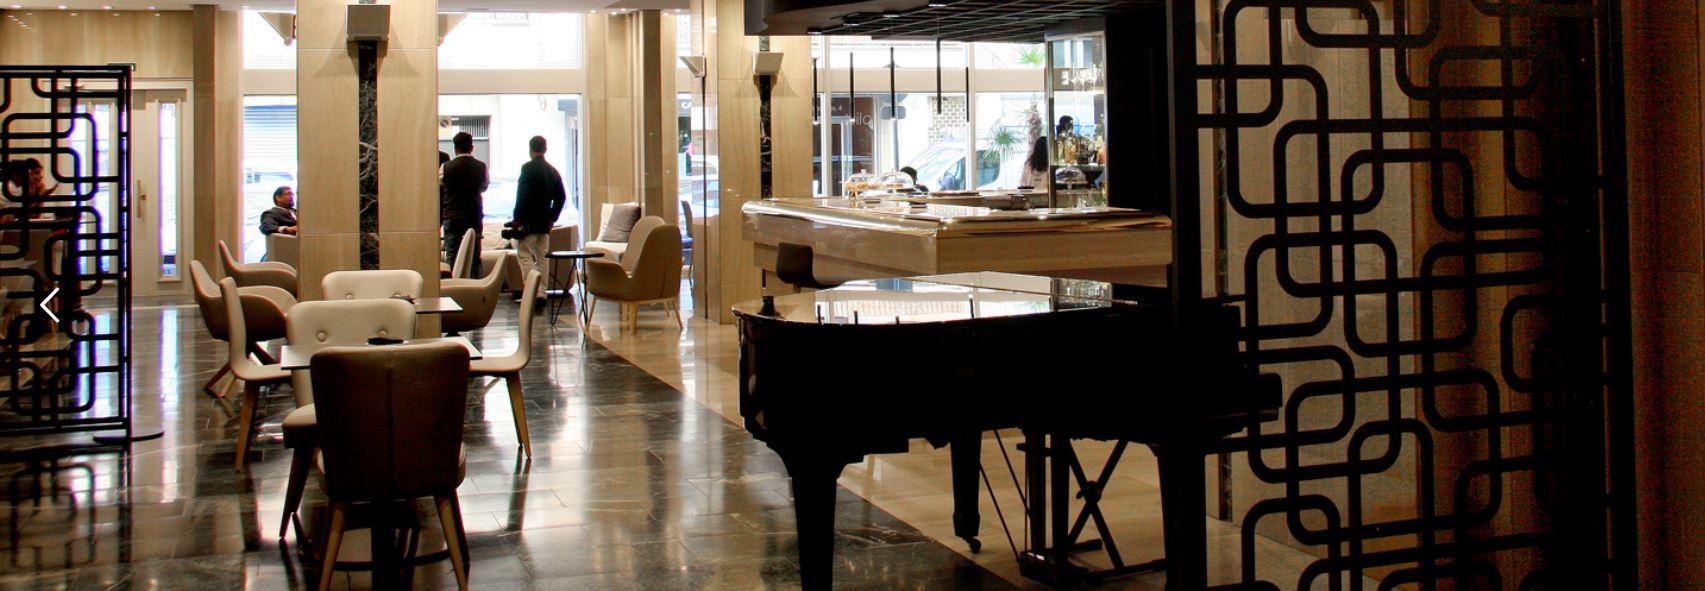 Hall Hotel Olid Valladolid